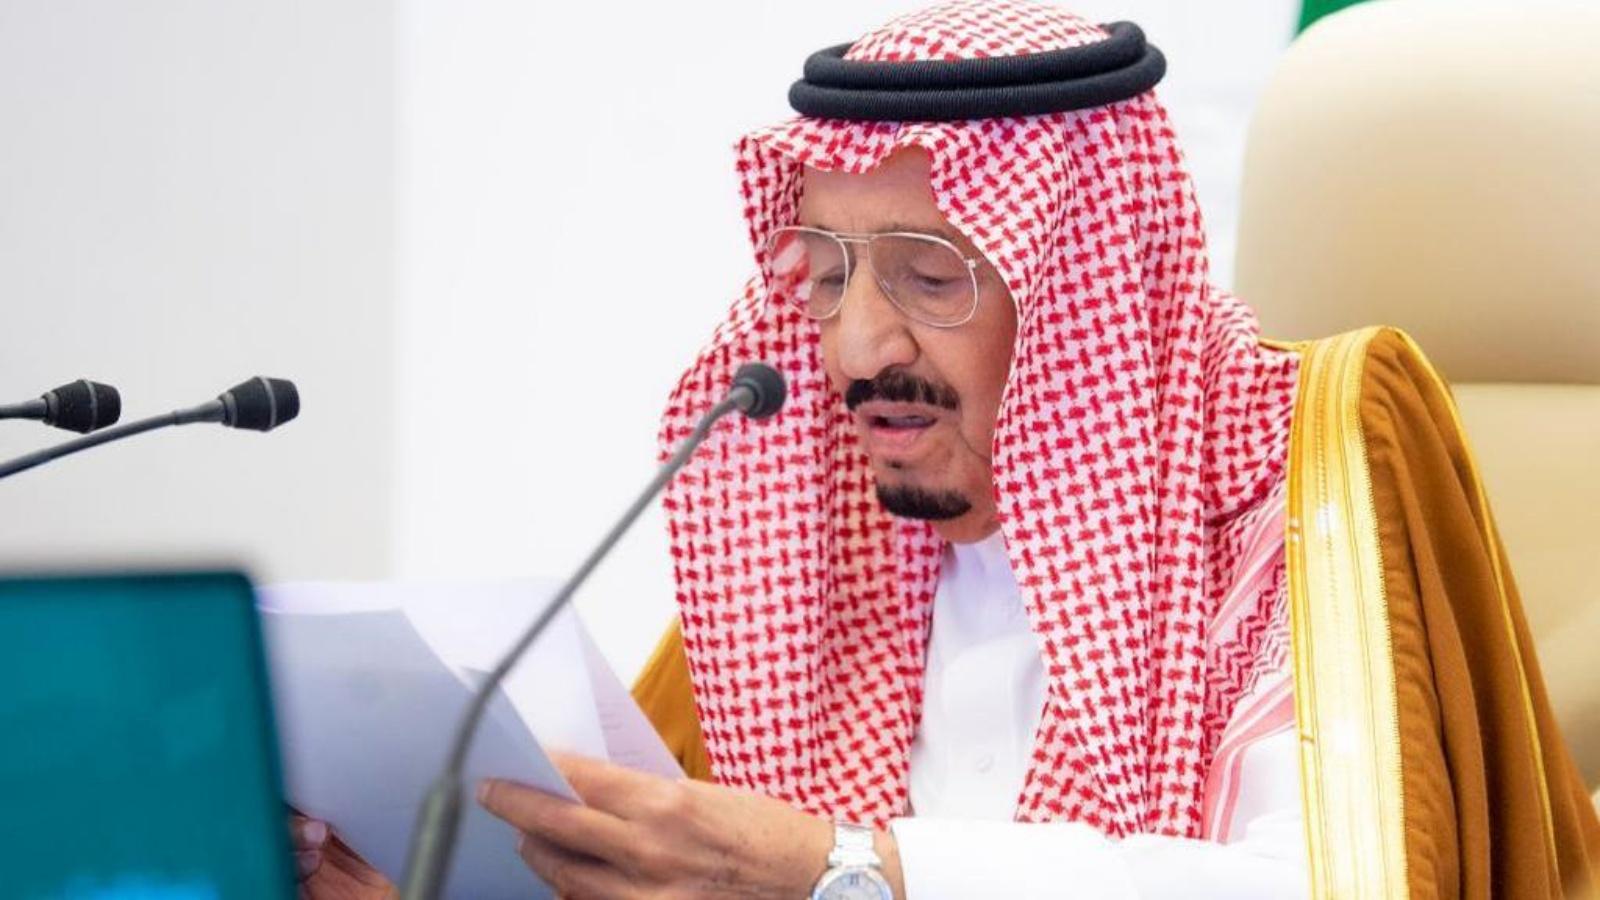 السعودية نيوز |  الملك سلمان: ساهمنا بـ 21 مليار للتخفيف من آثار تفشي كورونا